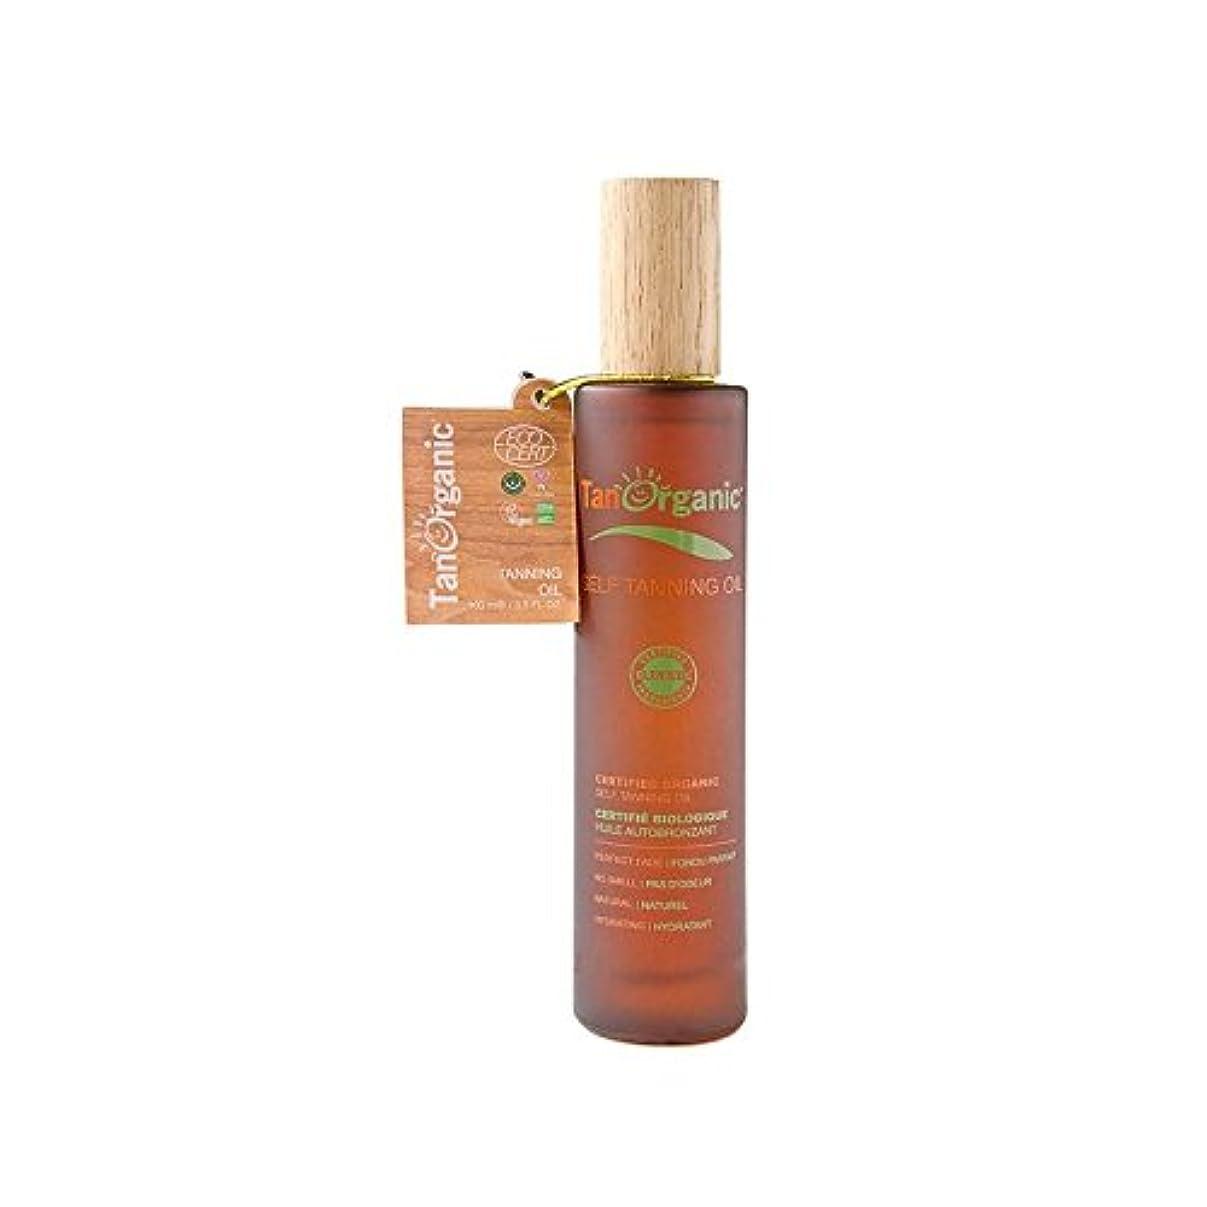 加入むしゃむしゃあなたのものTanorganic自己日焼け顔&ボディオイル (Tan Organic) - TanOrganic Self-Tan Face & Body Oil [並行輸入品]